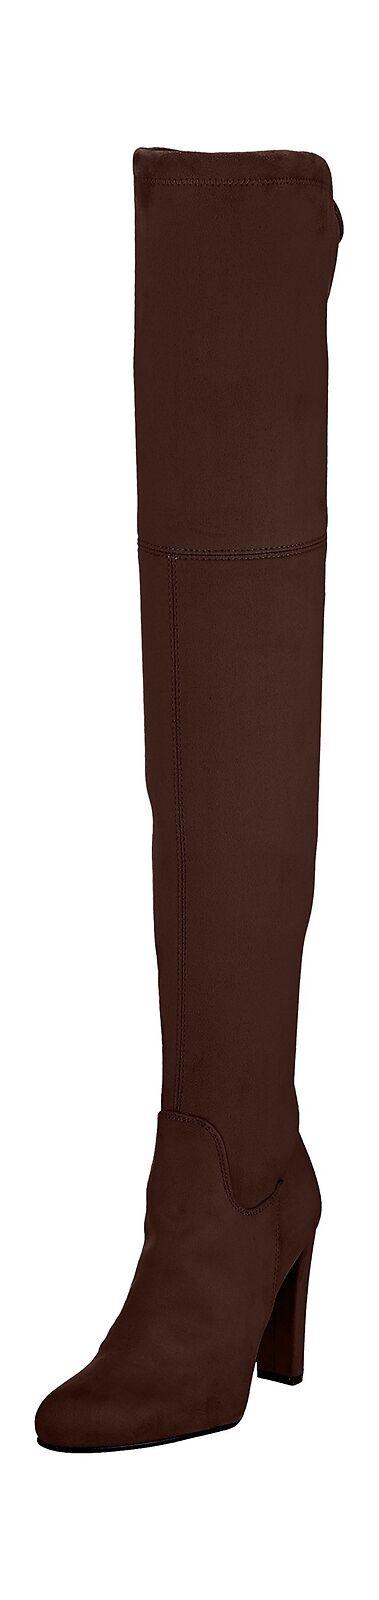 consegna gratuita Buffalo LONDON donna 2861 2861 2861 Micro Stirare Stivali Marrone (Marrone 150 0) 6.5 UK  classico senza tempo